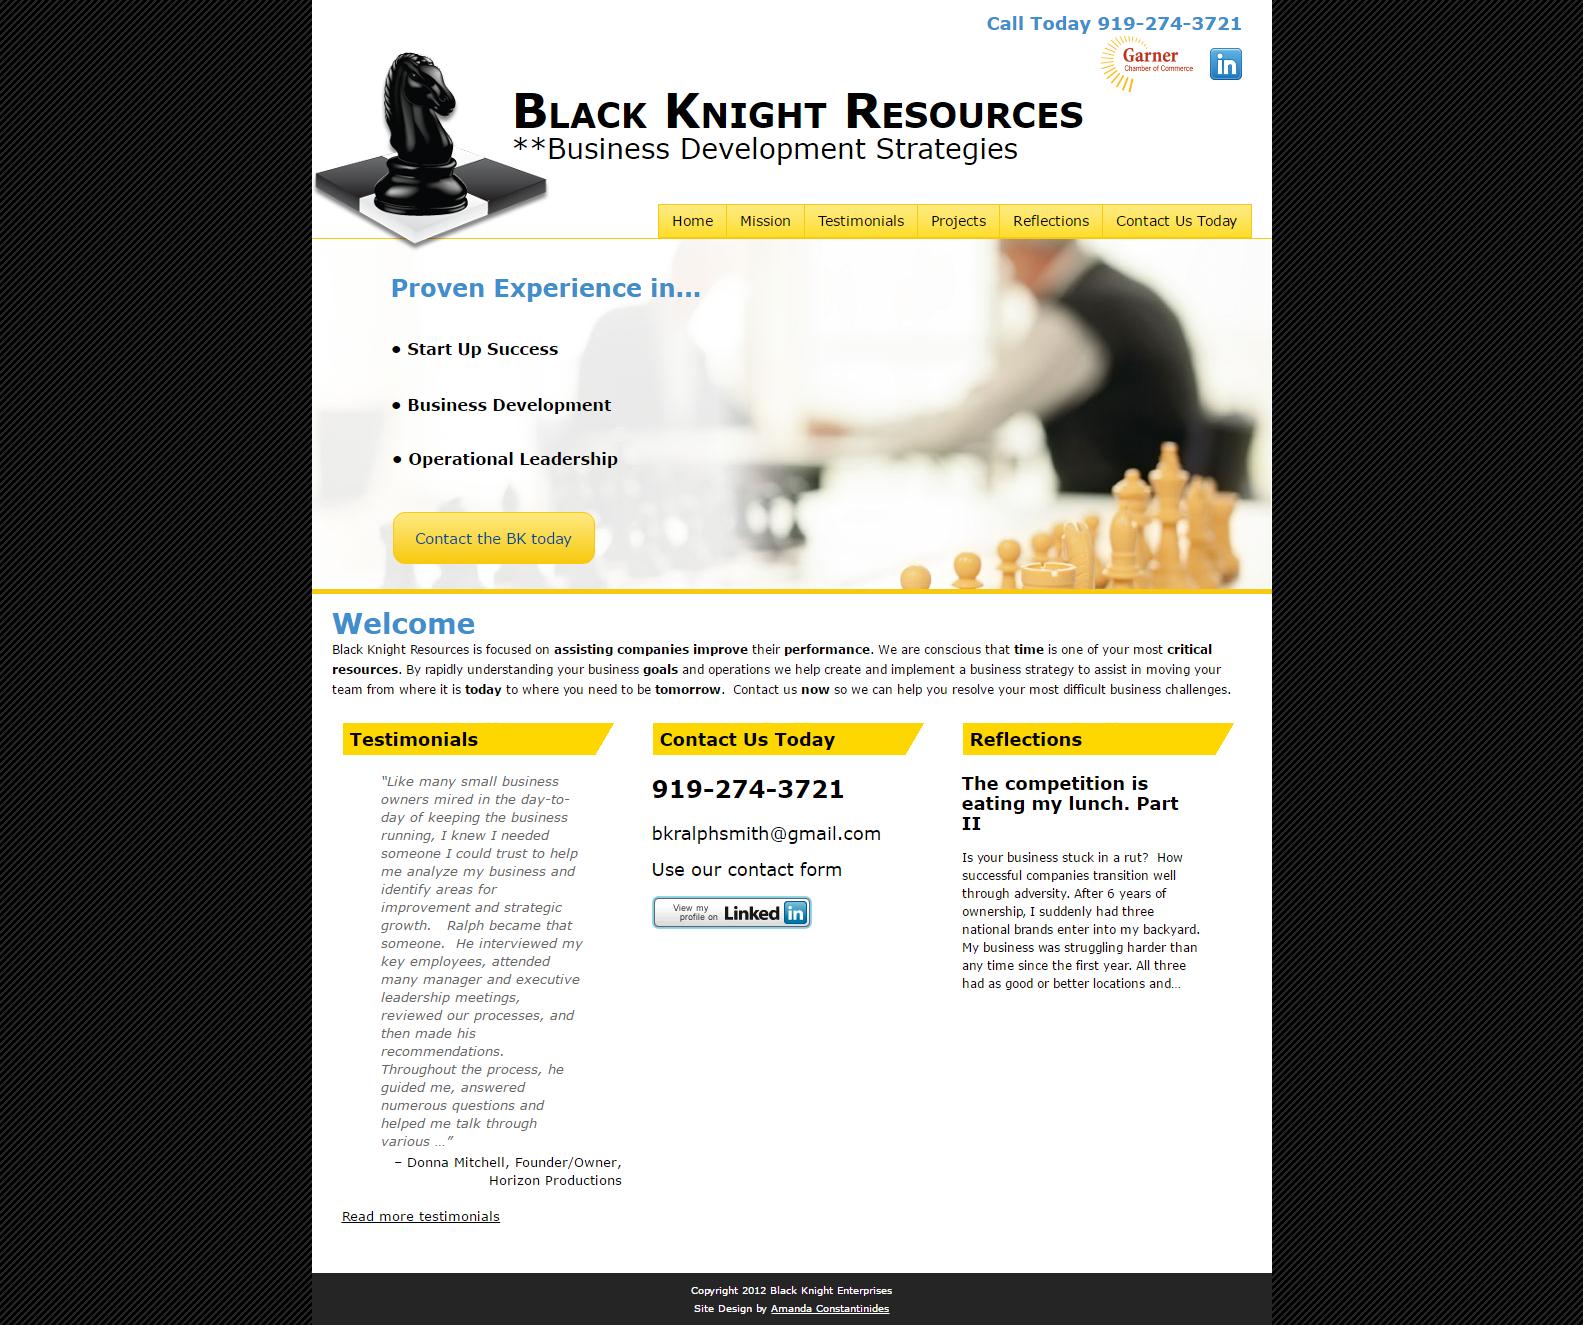 BlackKnightResources